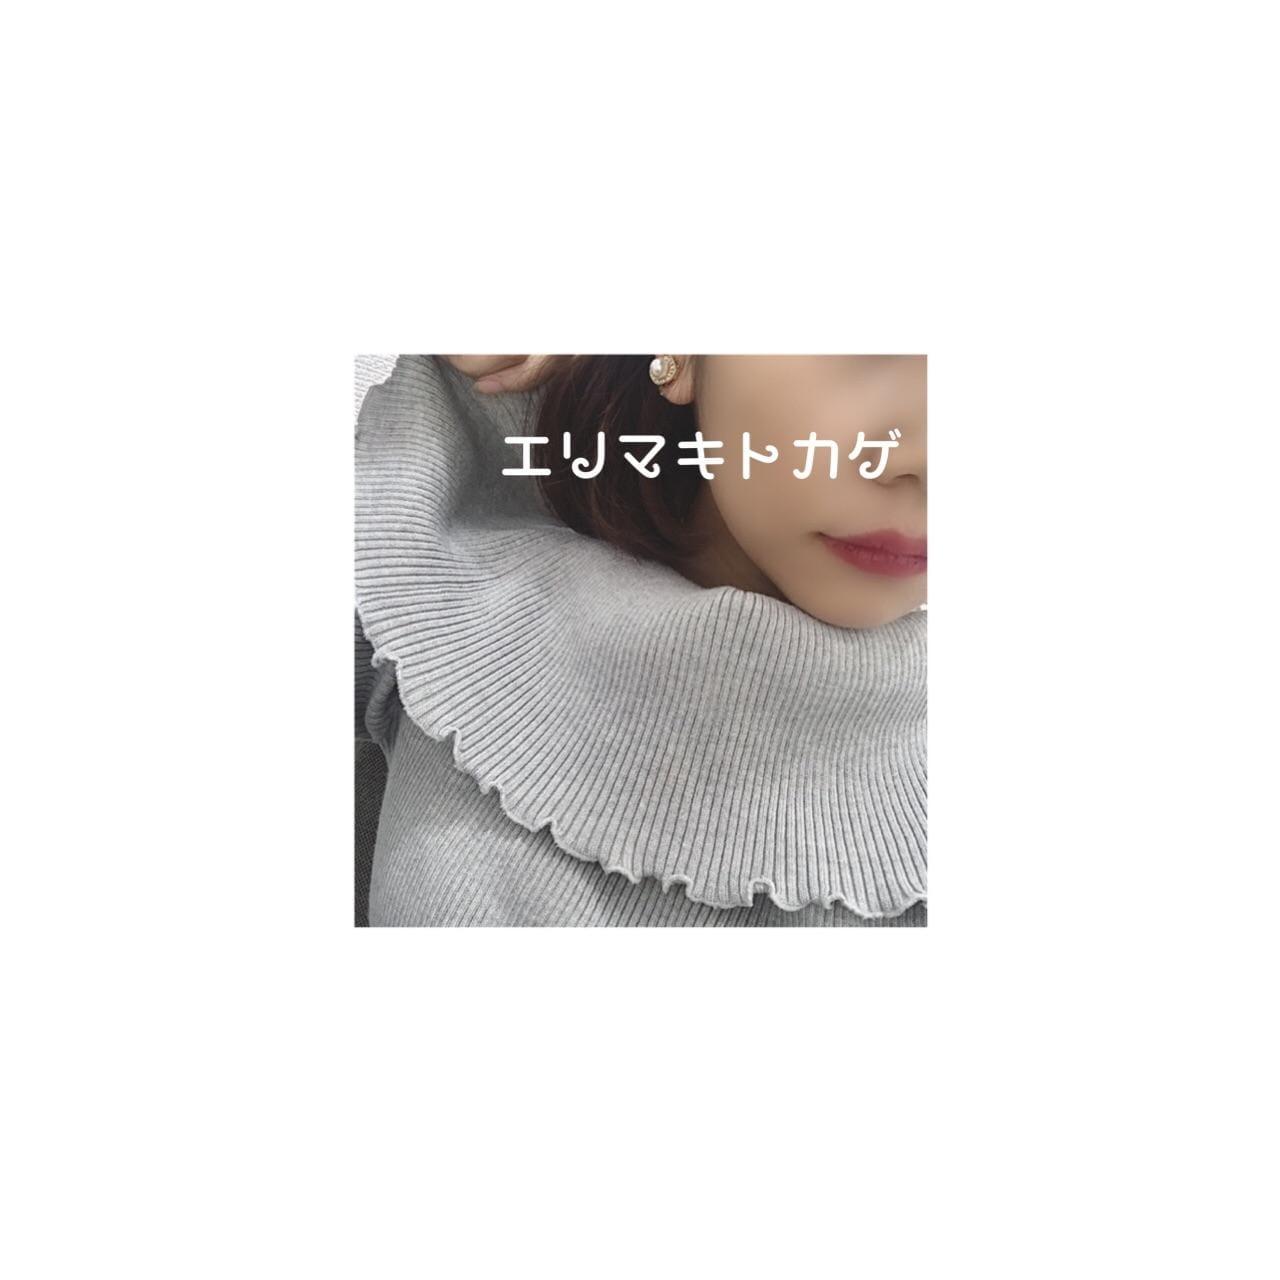 「エリマキトカゲ」10/25(木) 20:43 | ちなの写メ・風俗動画